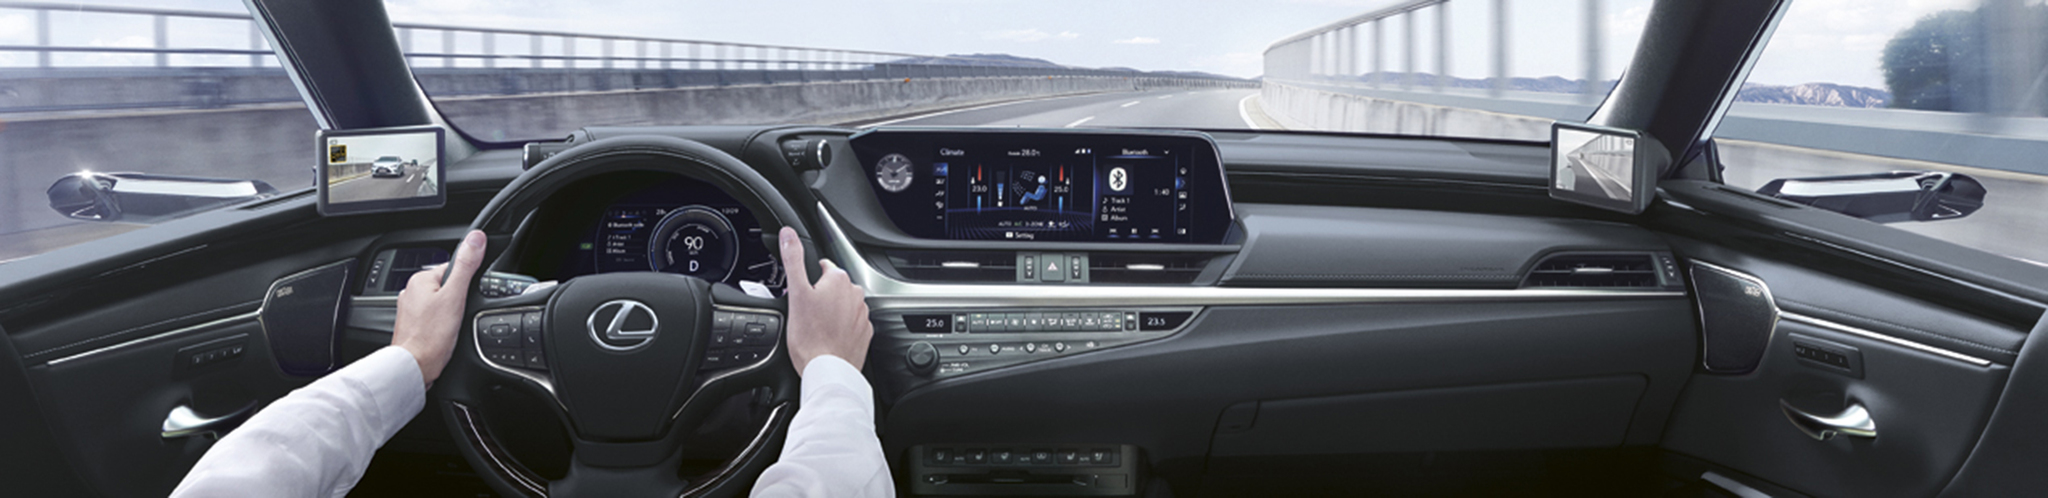 El Lexus ES 300h incorpora una pantalla multimedia de 12,3 pulgadas con Lexus Premium Navigation.